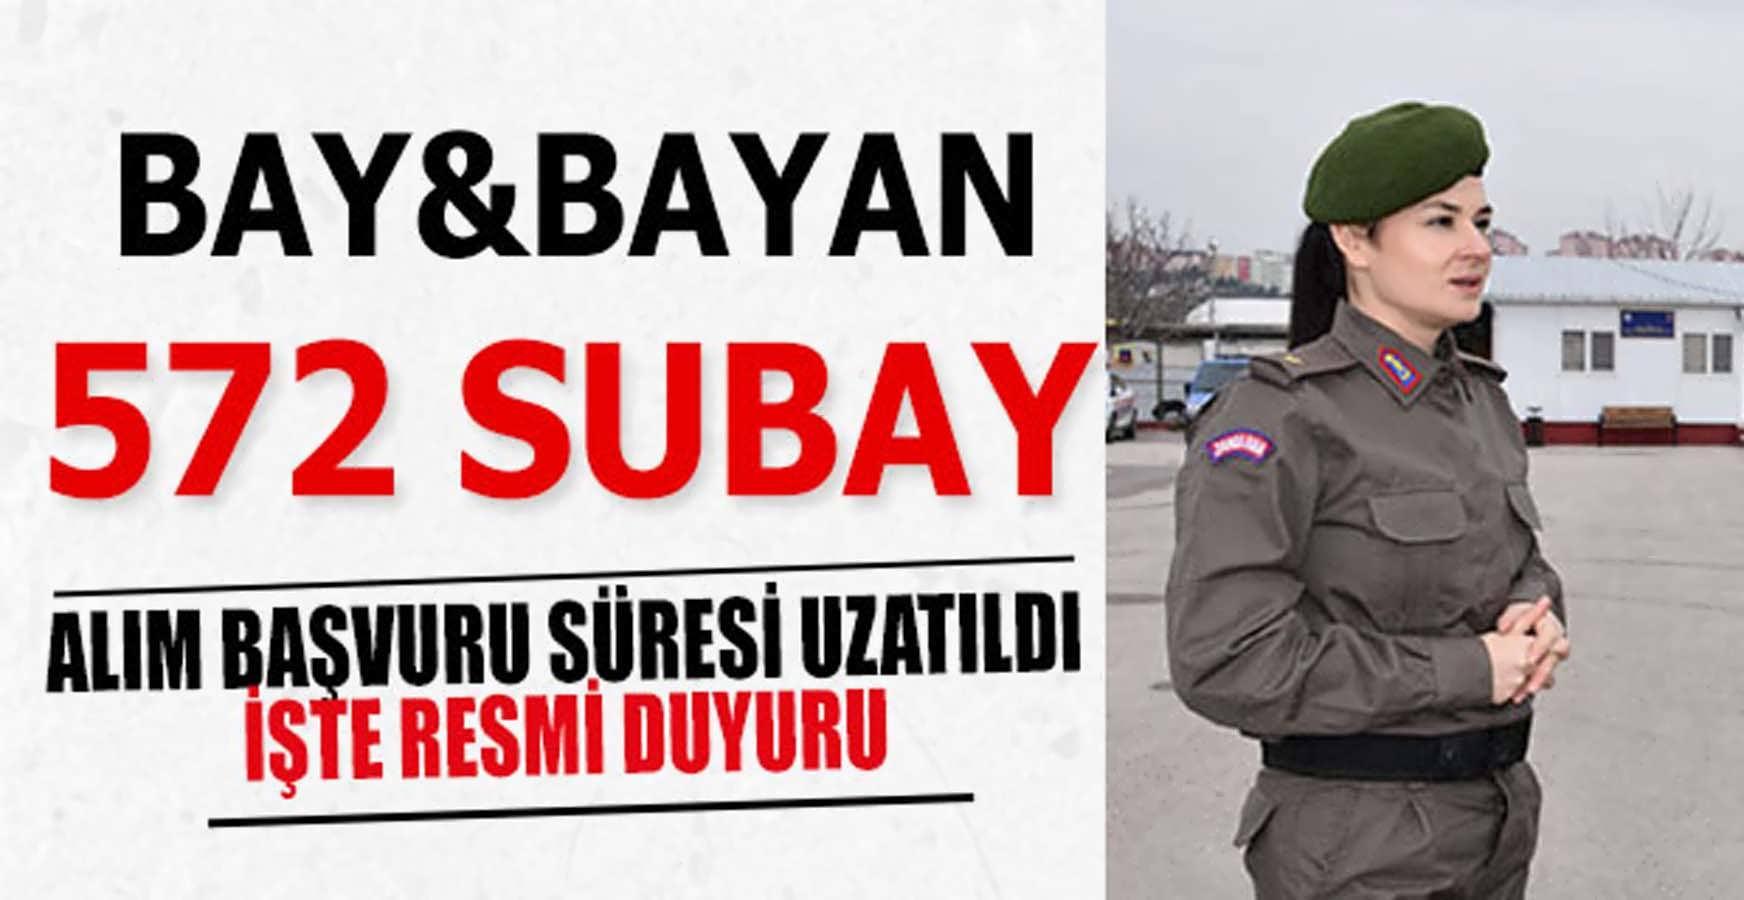 JGK Subay Bay/Bayan Alım Başvuru Süresi Uzatıldı